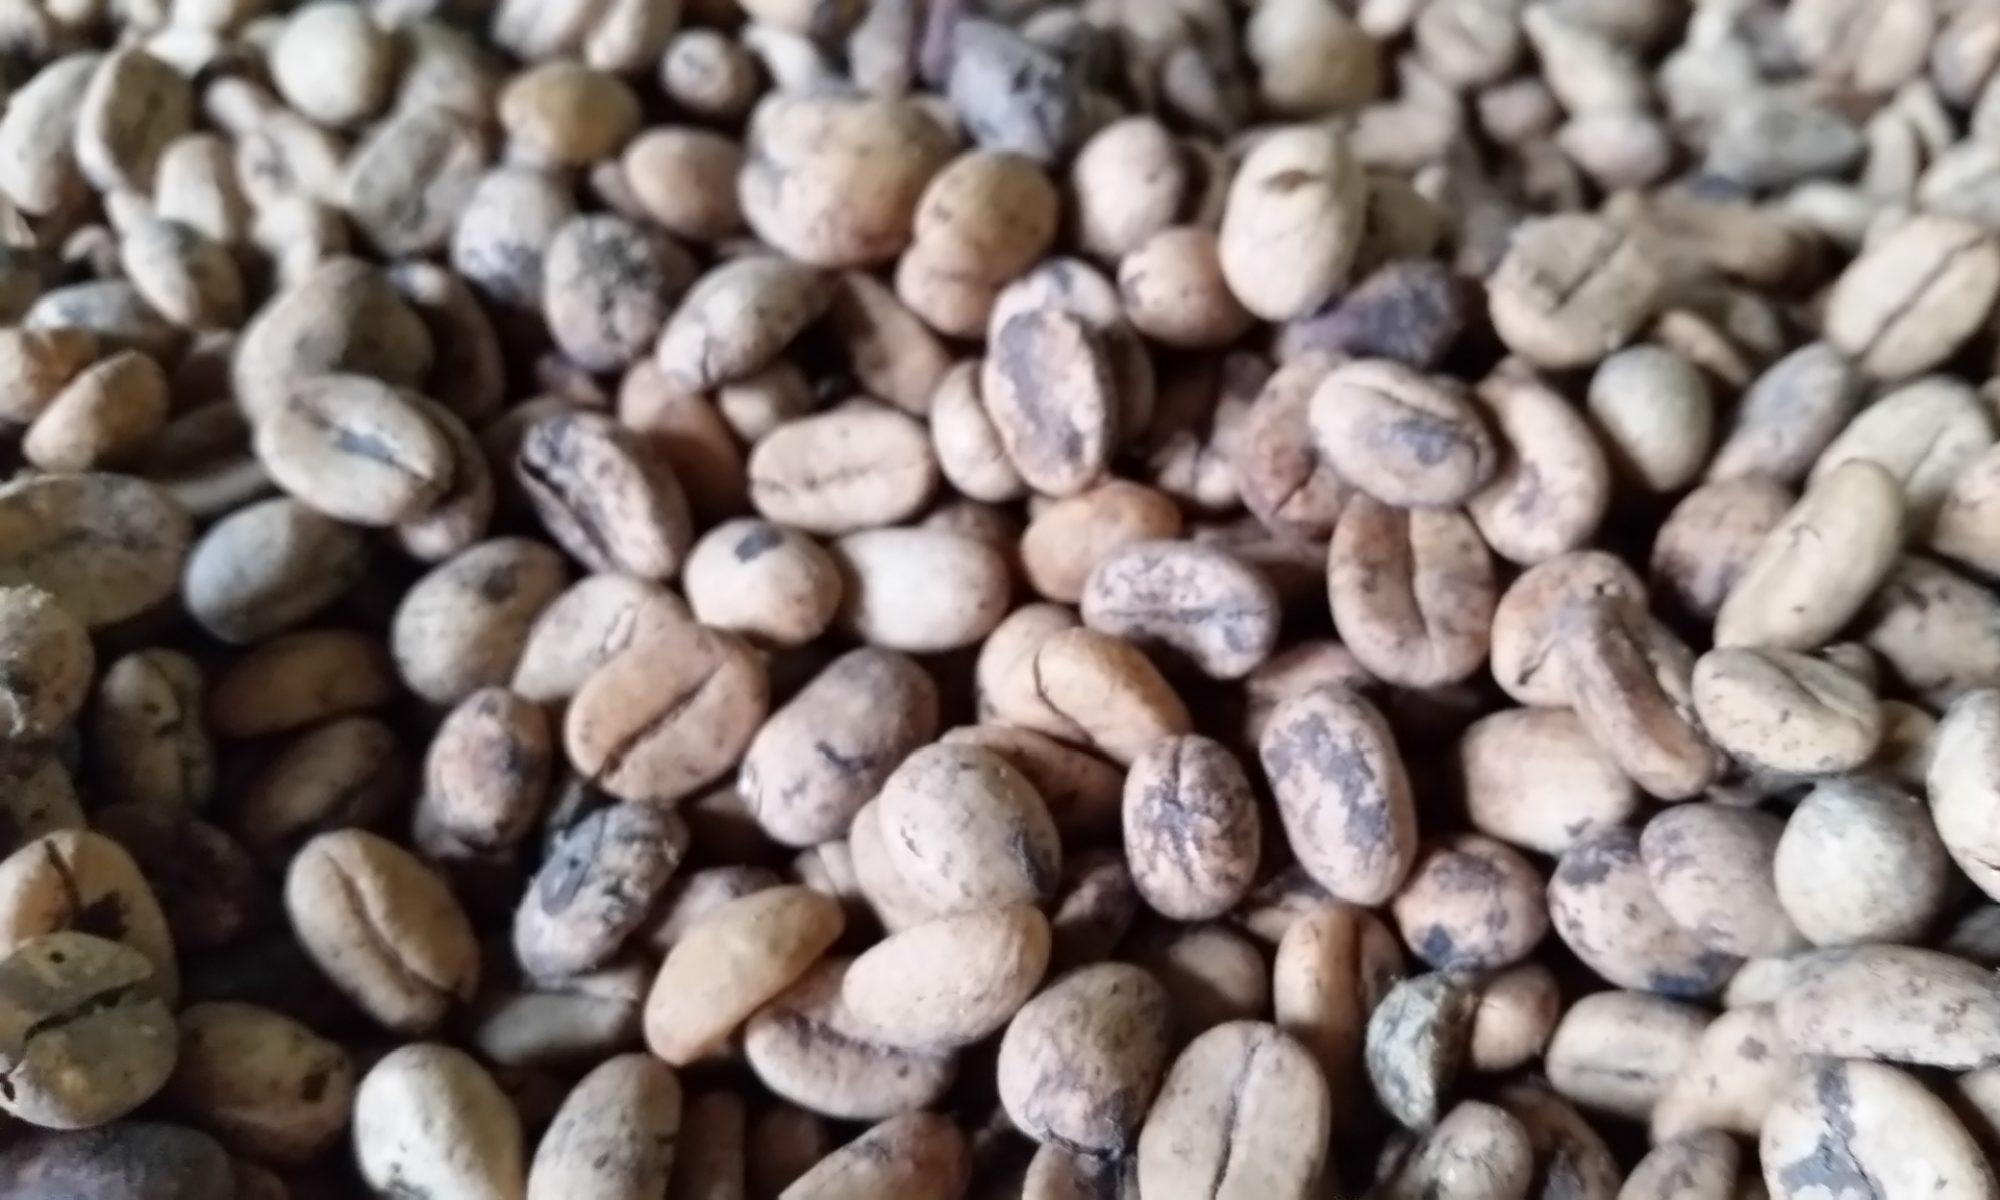 www.espressomaschine.de - News über die braunen Bohnen